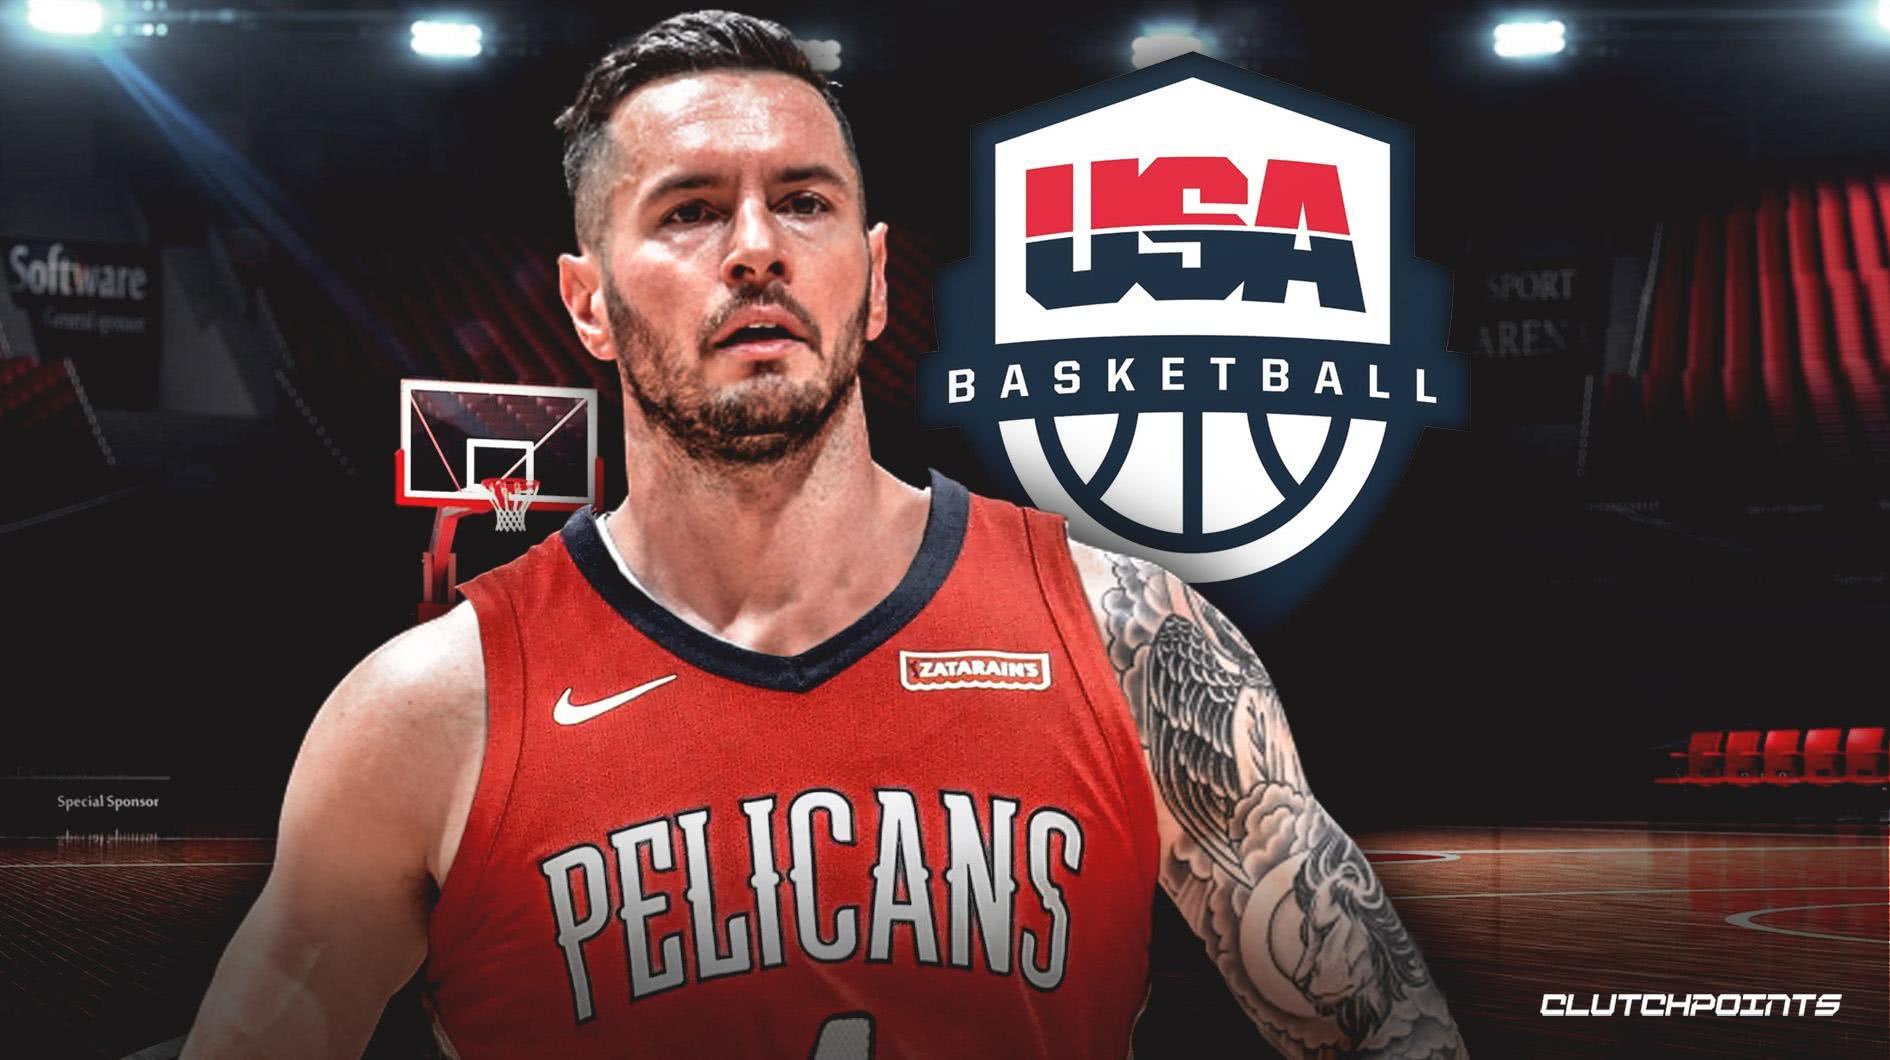 雷迪克拒绝随美国队参加中国篮球世界杯 曾因辱华遭中国球迷狂嘘